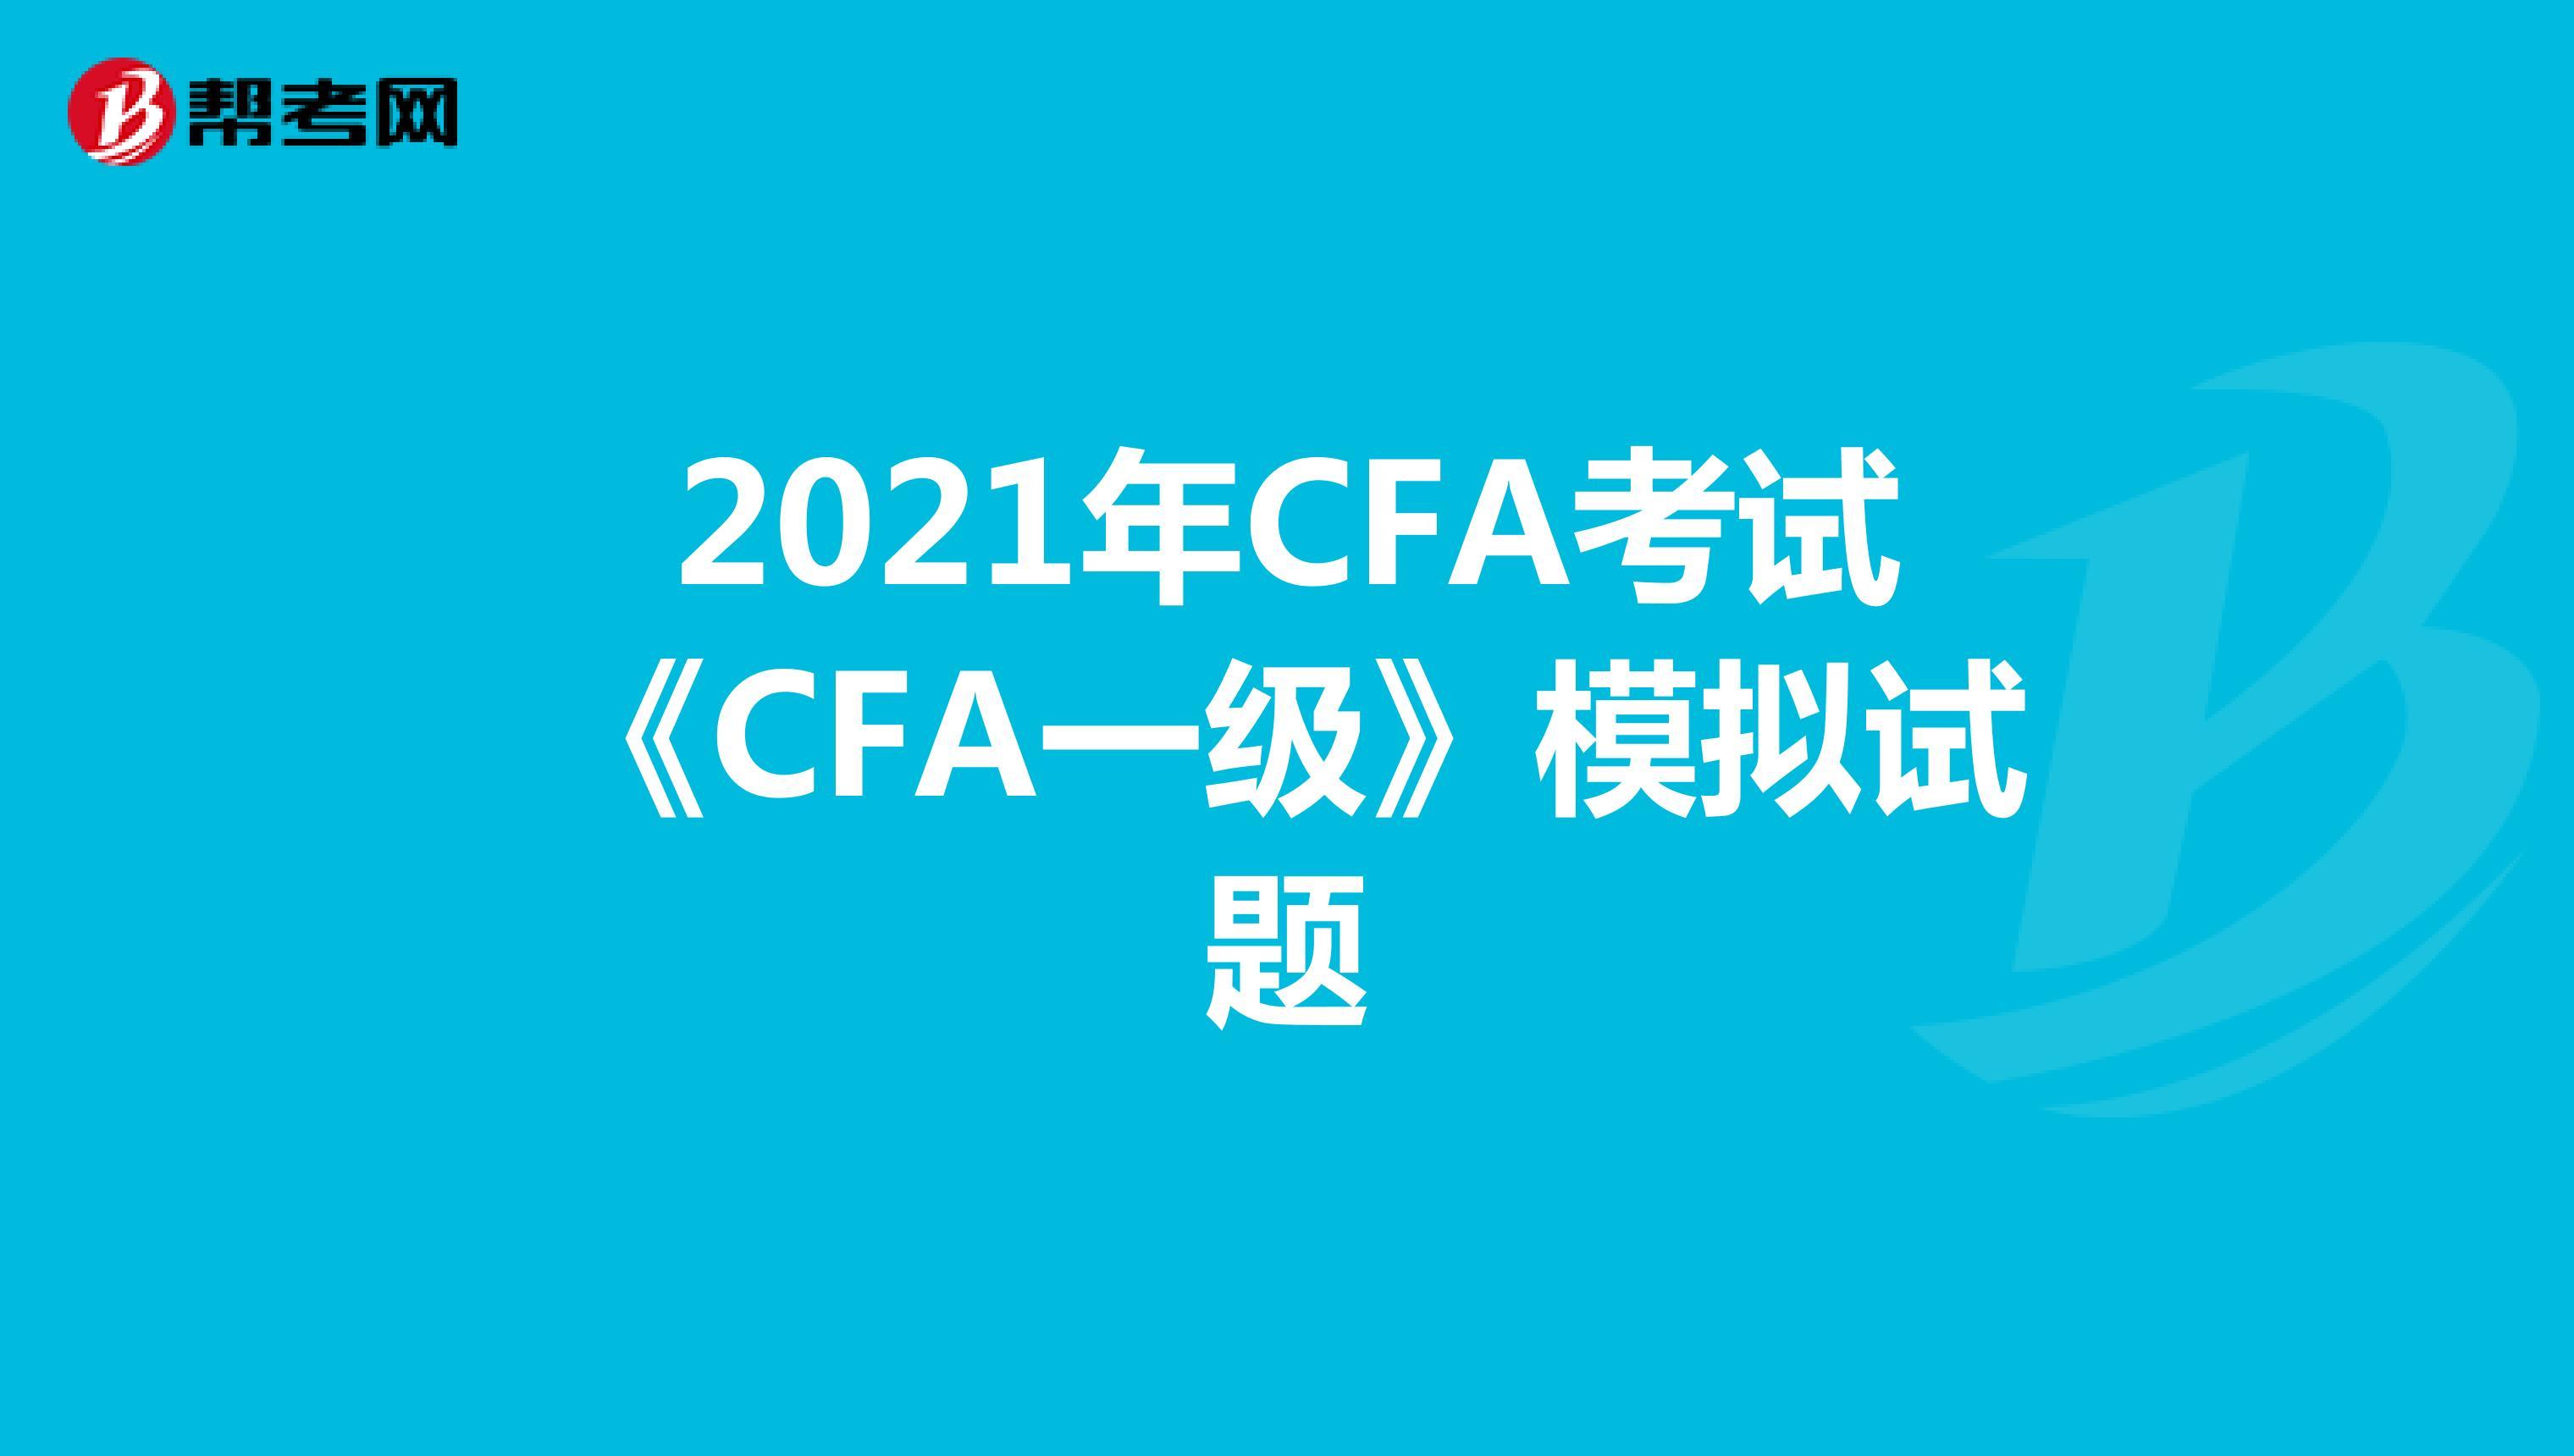 2021年CFA考试《CFA一级》模拟试题